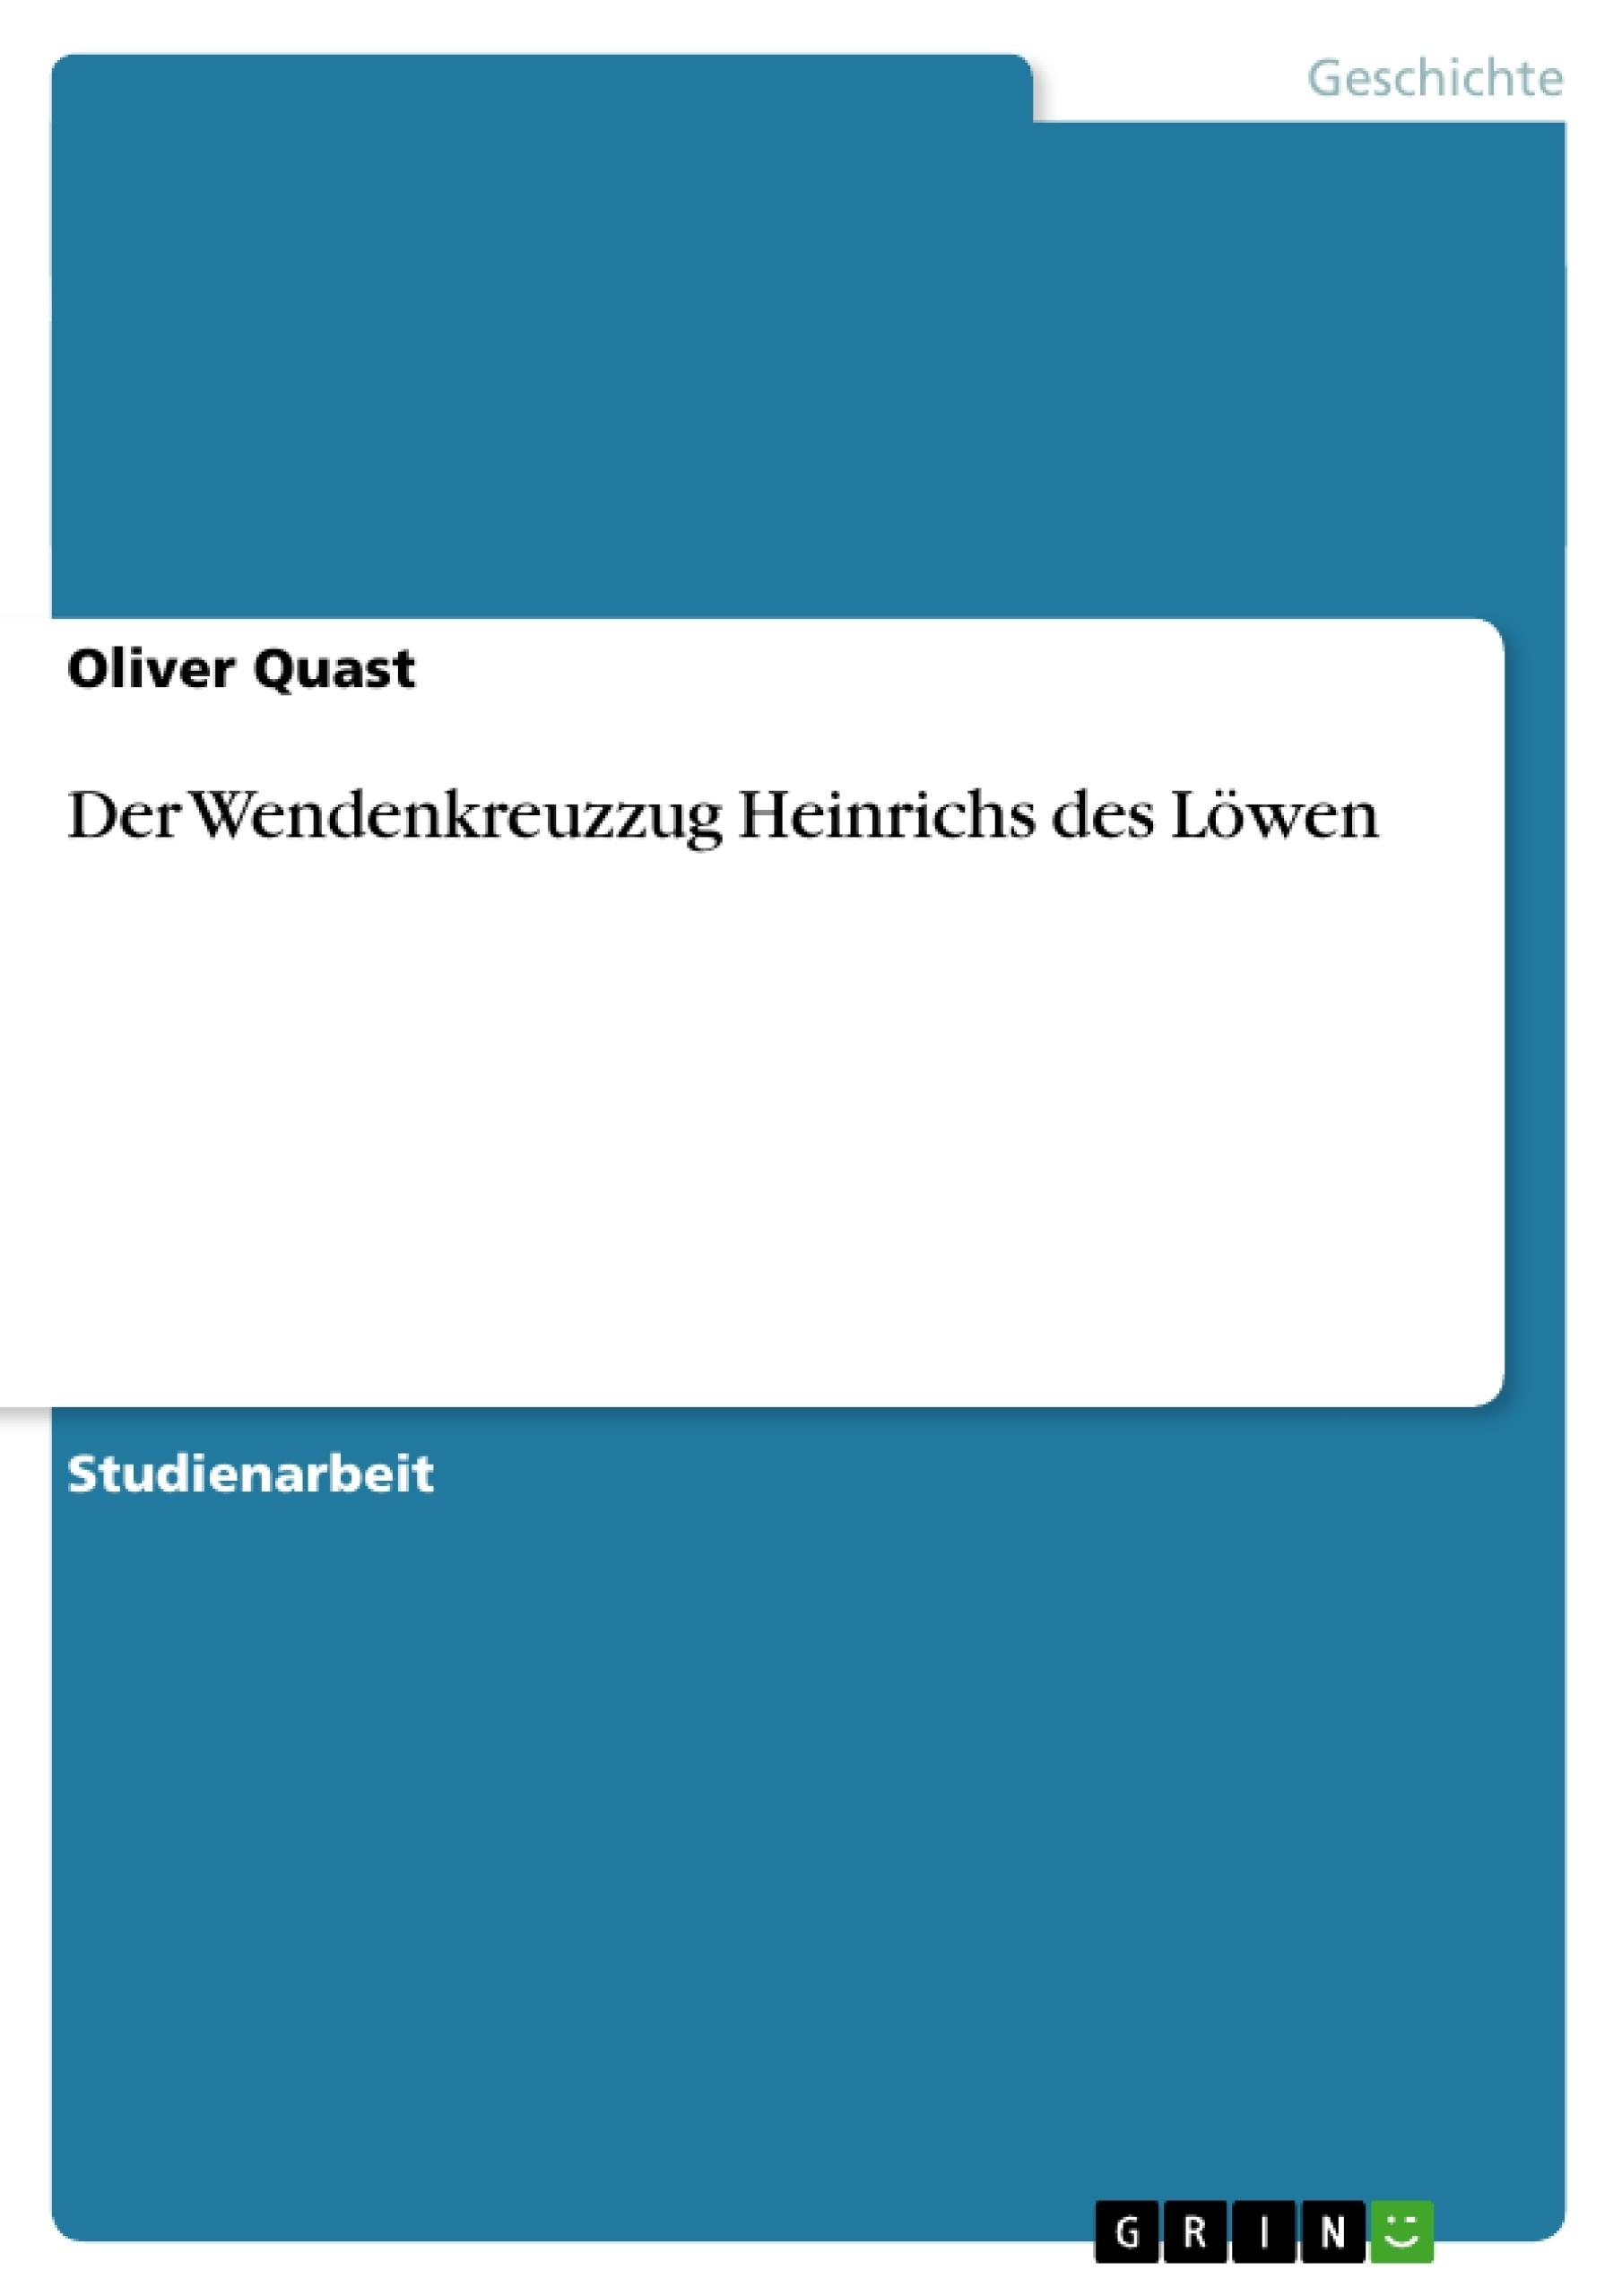 Titel: Der Wendenkreuzzug Heinrichs des Löwen